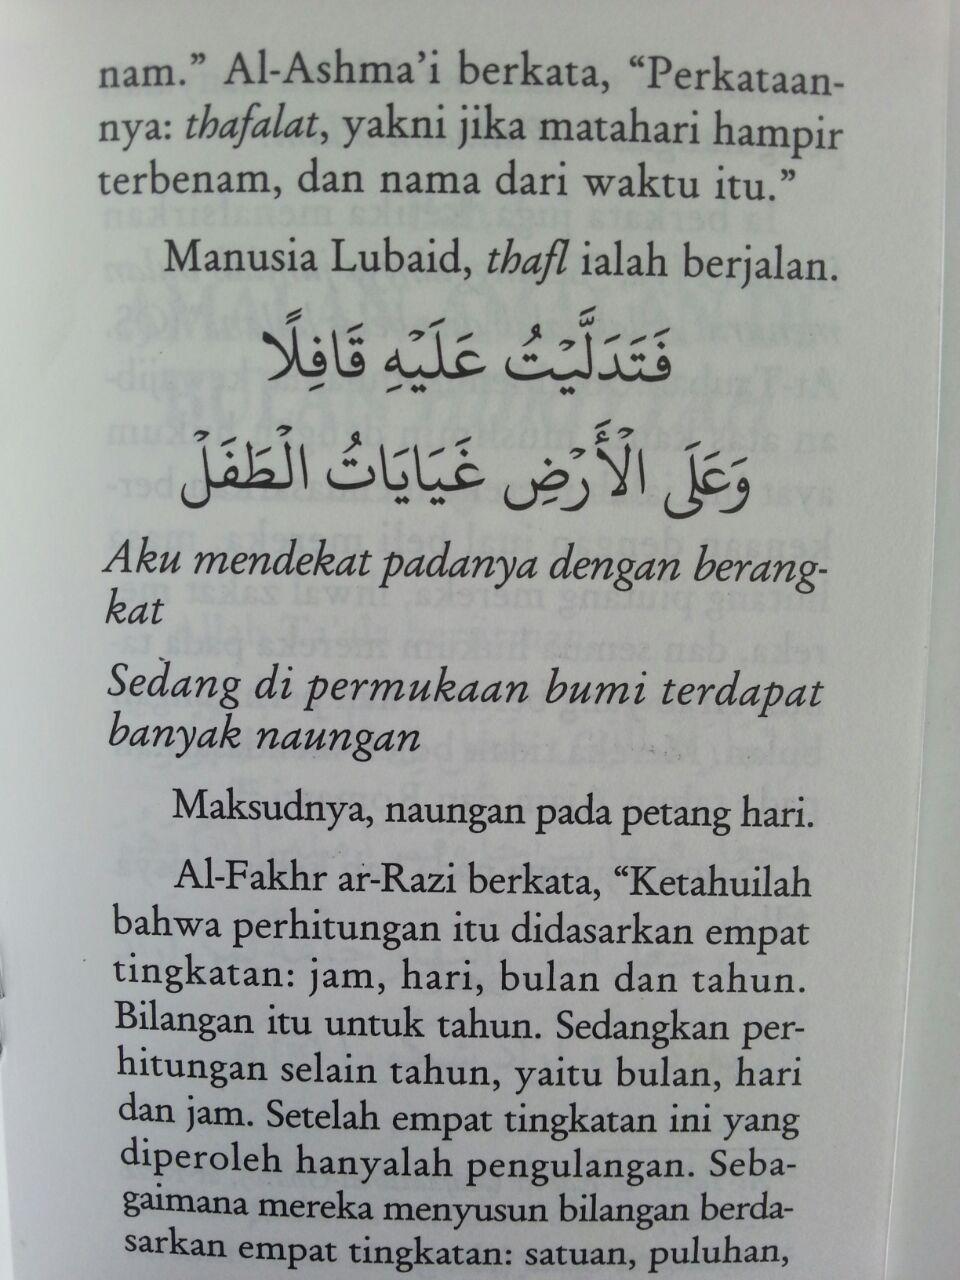 Buku Saku Amalan Di Bulan Hijriyyah Disertai Maknanya isi 3